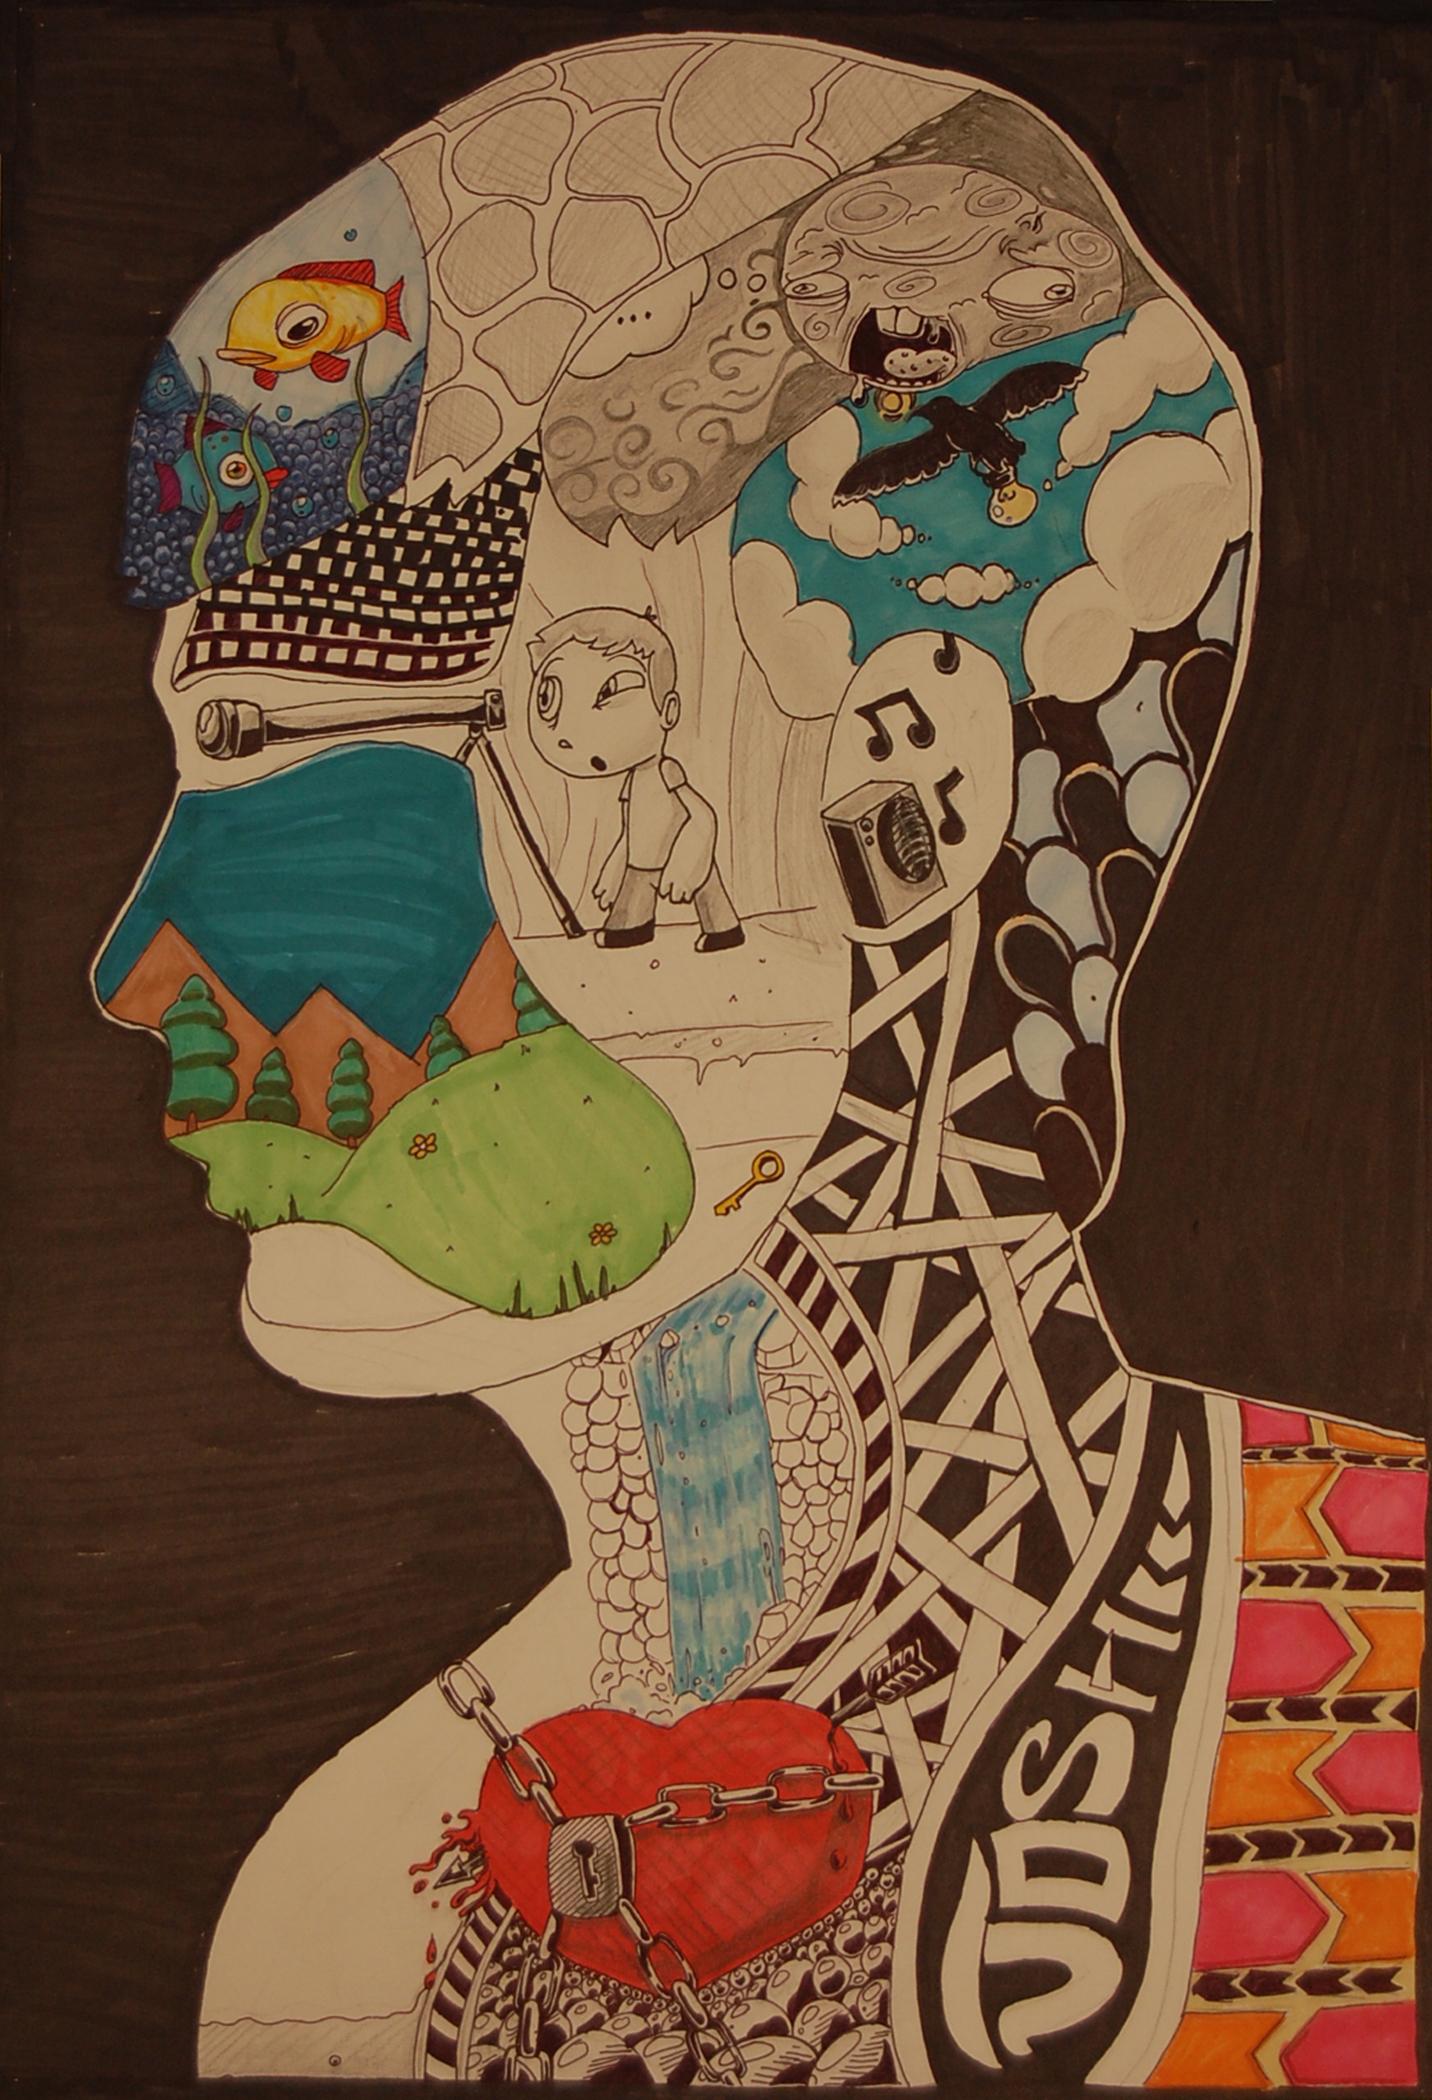 In My Head (2013)